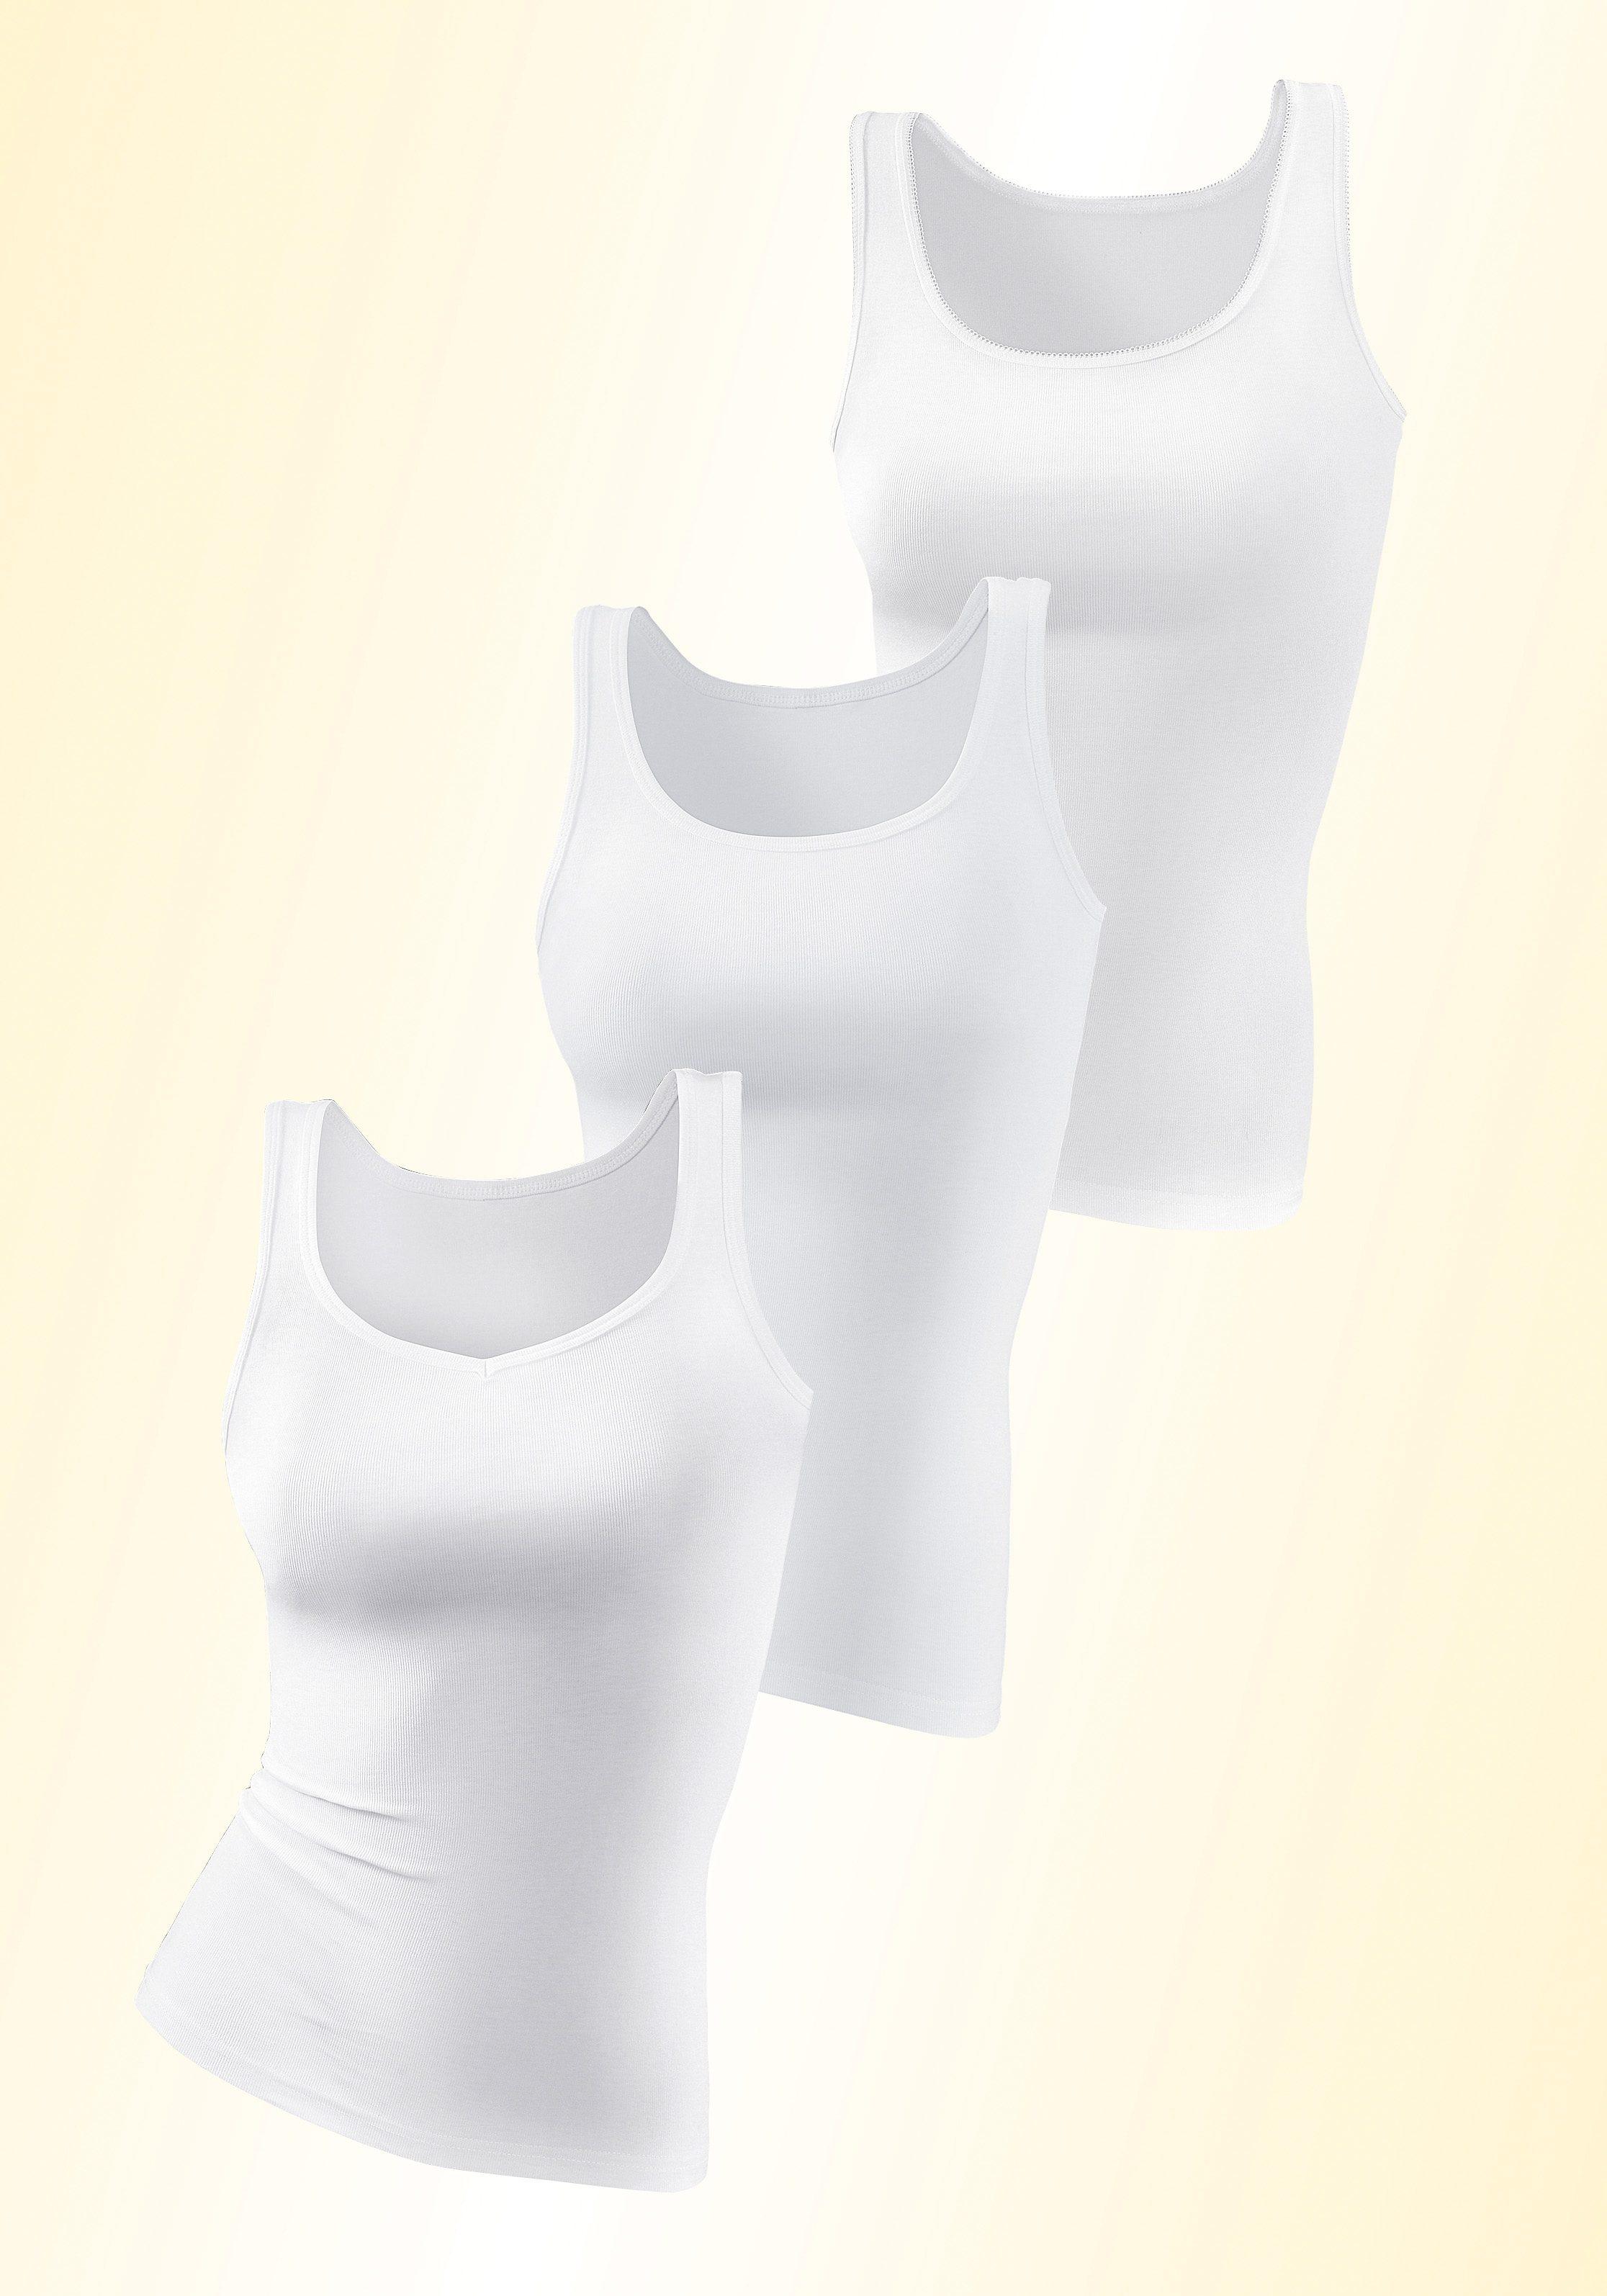 Petite Fleur Baumwoll- Hemden (3 Stück)